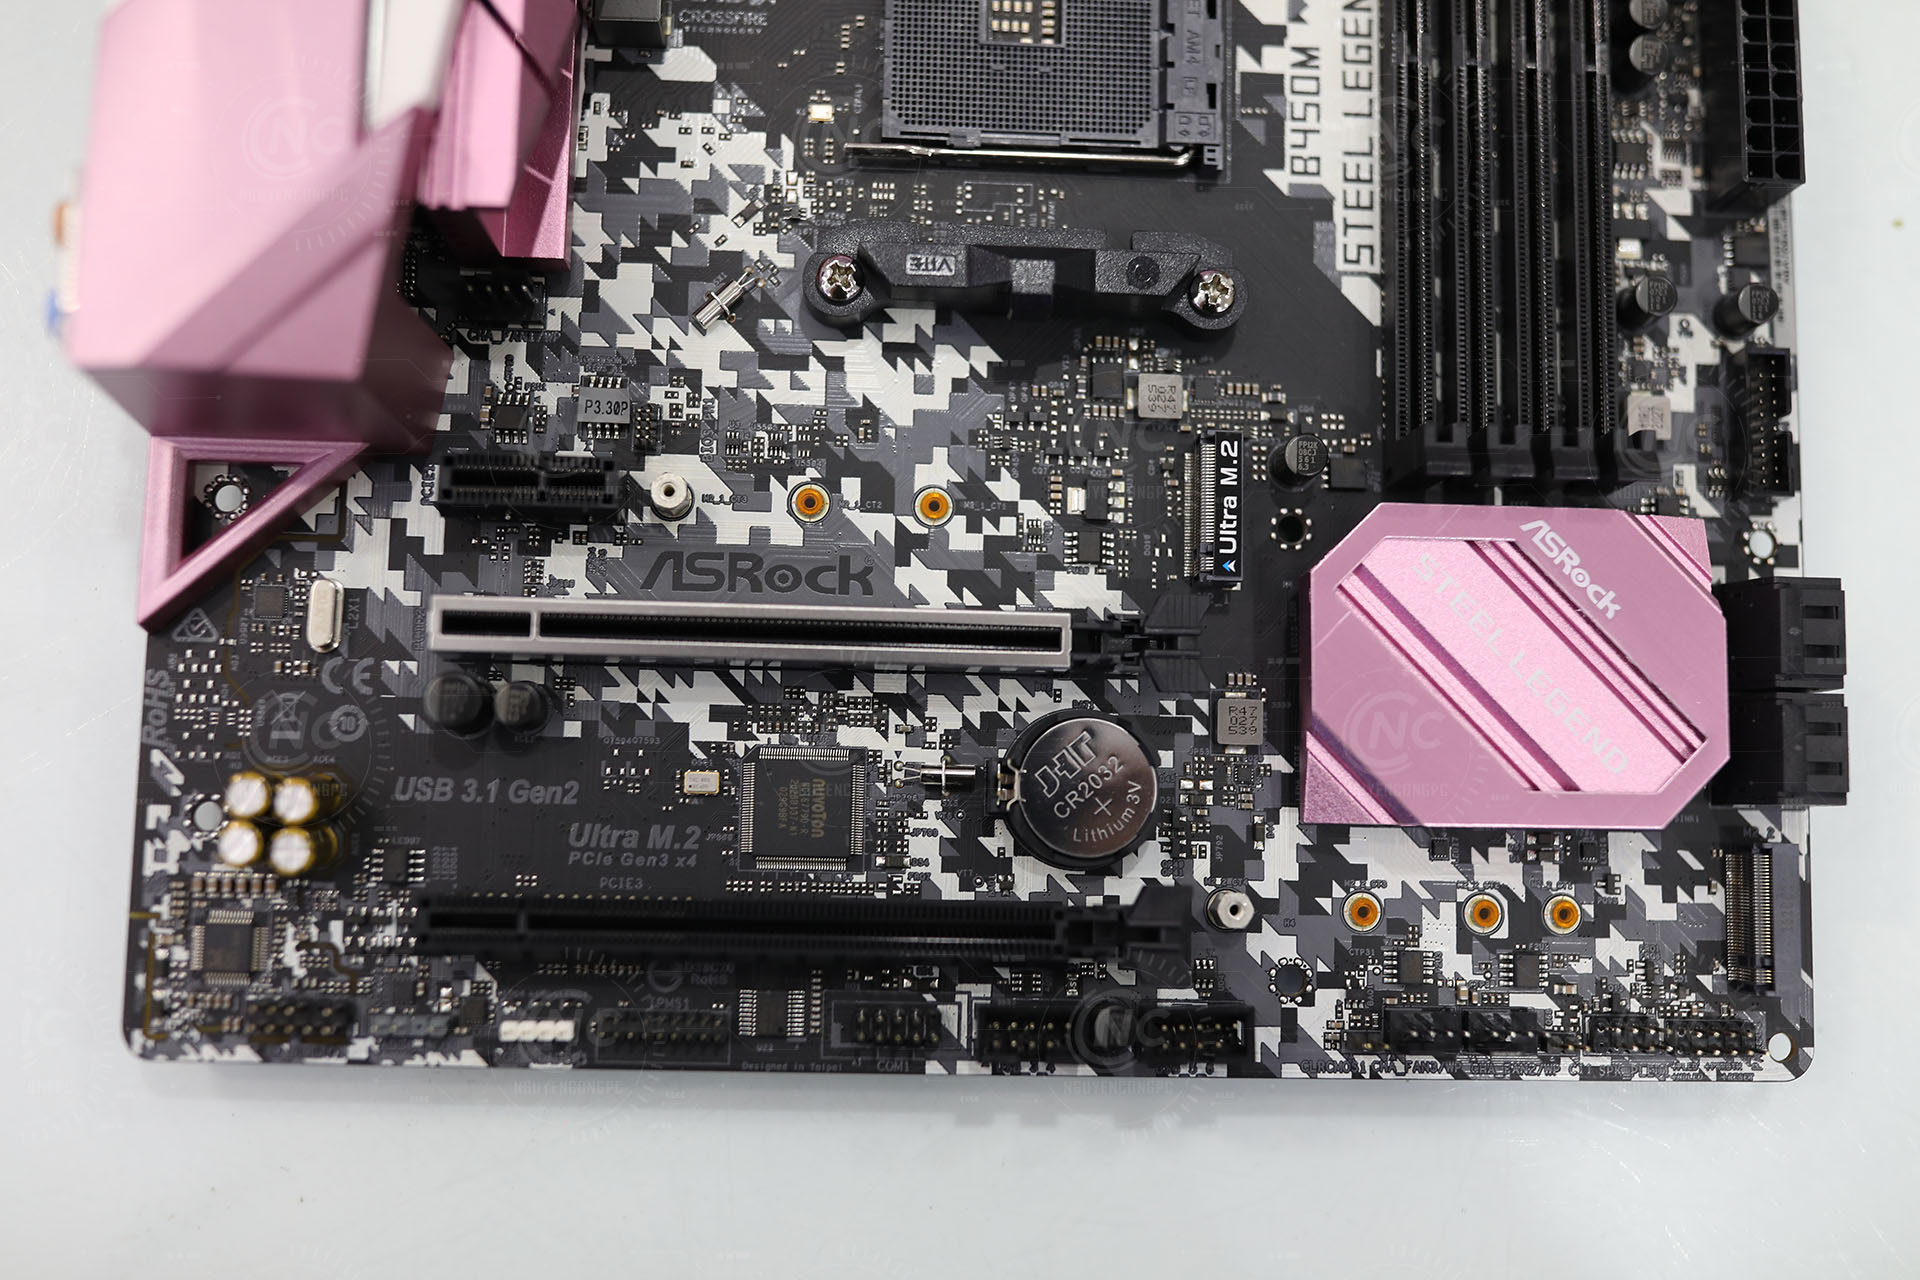 b450m pink